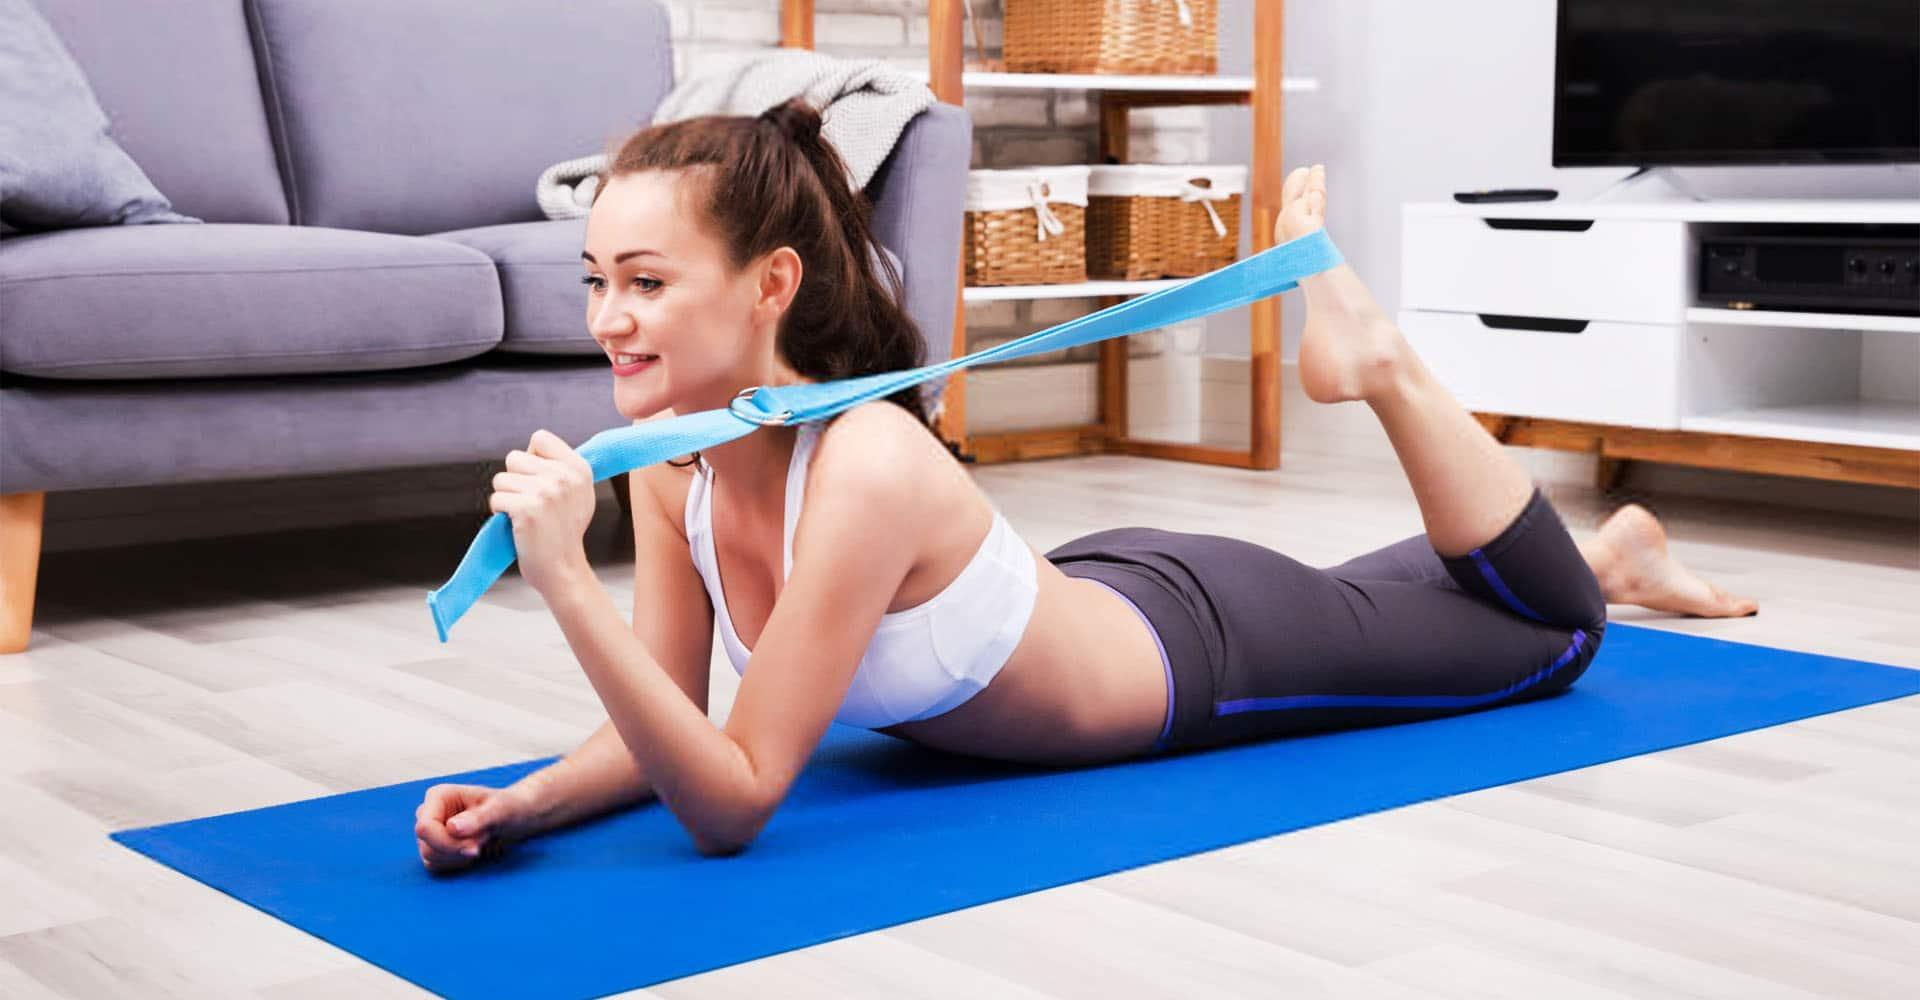 Frau trainiert zuhause mit Yogagurt